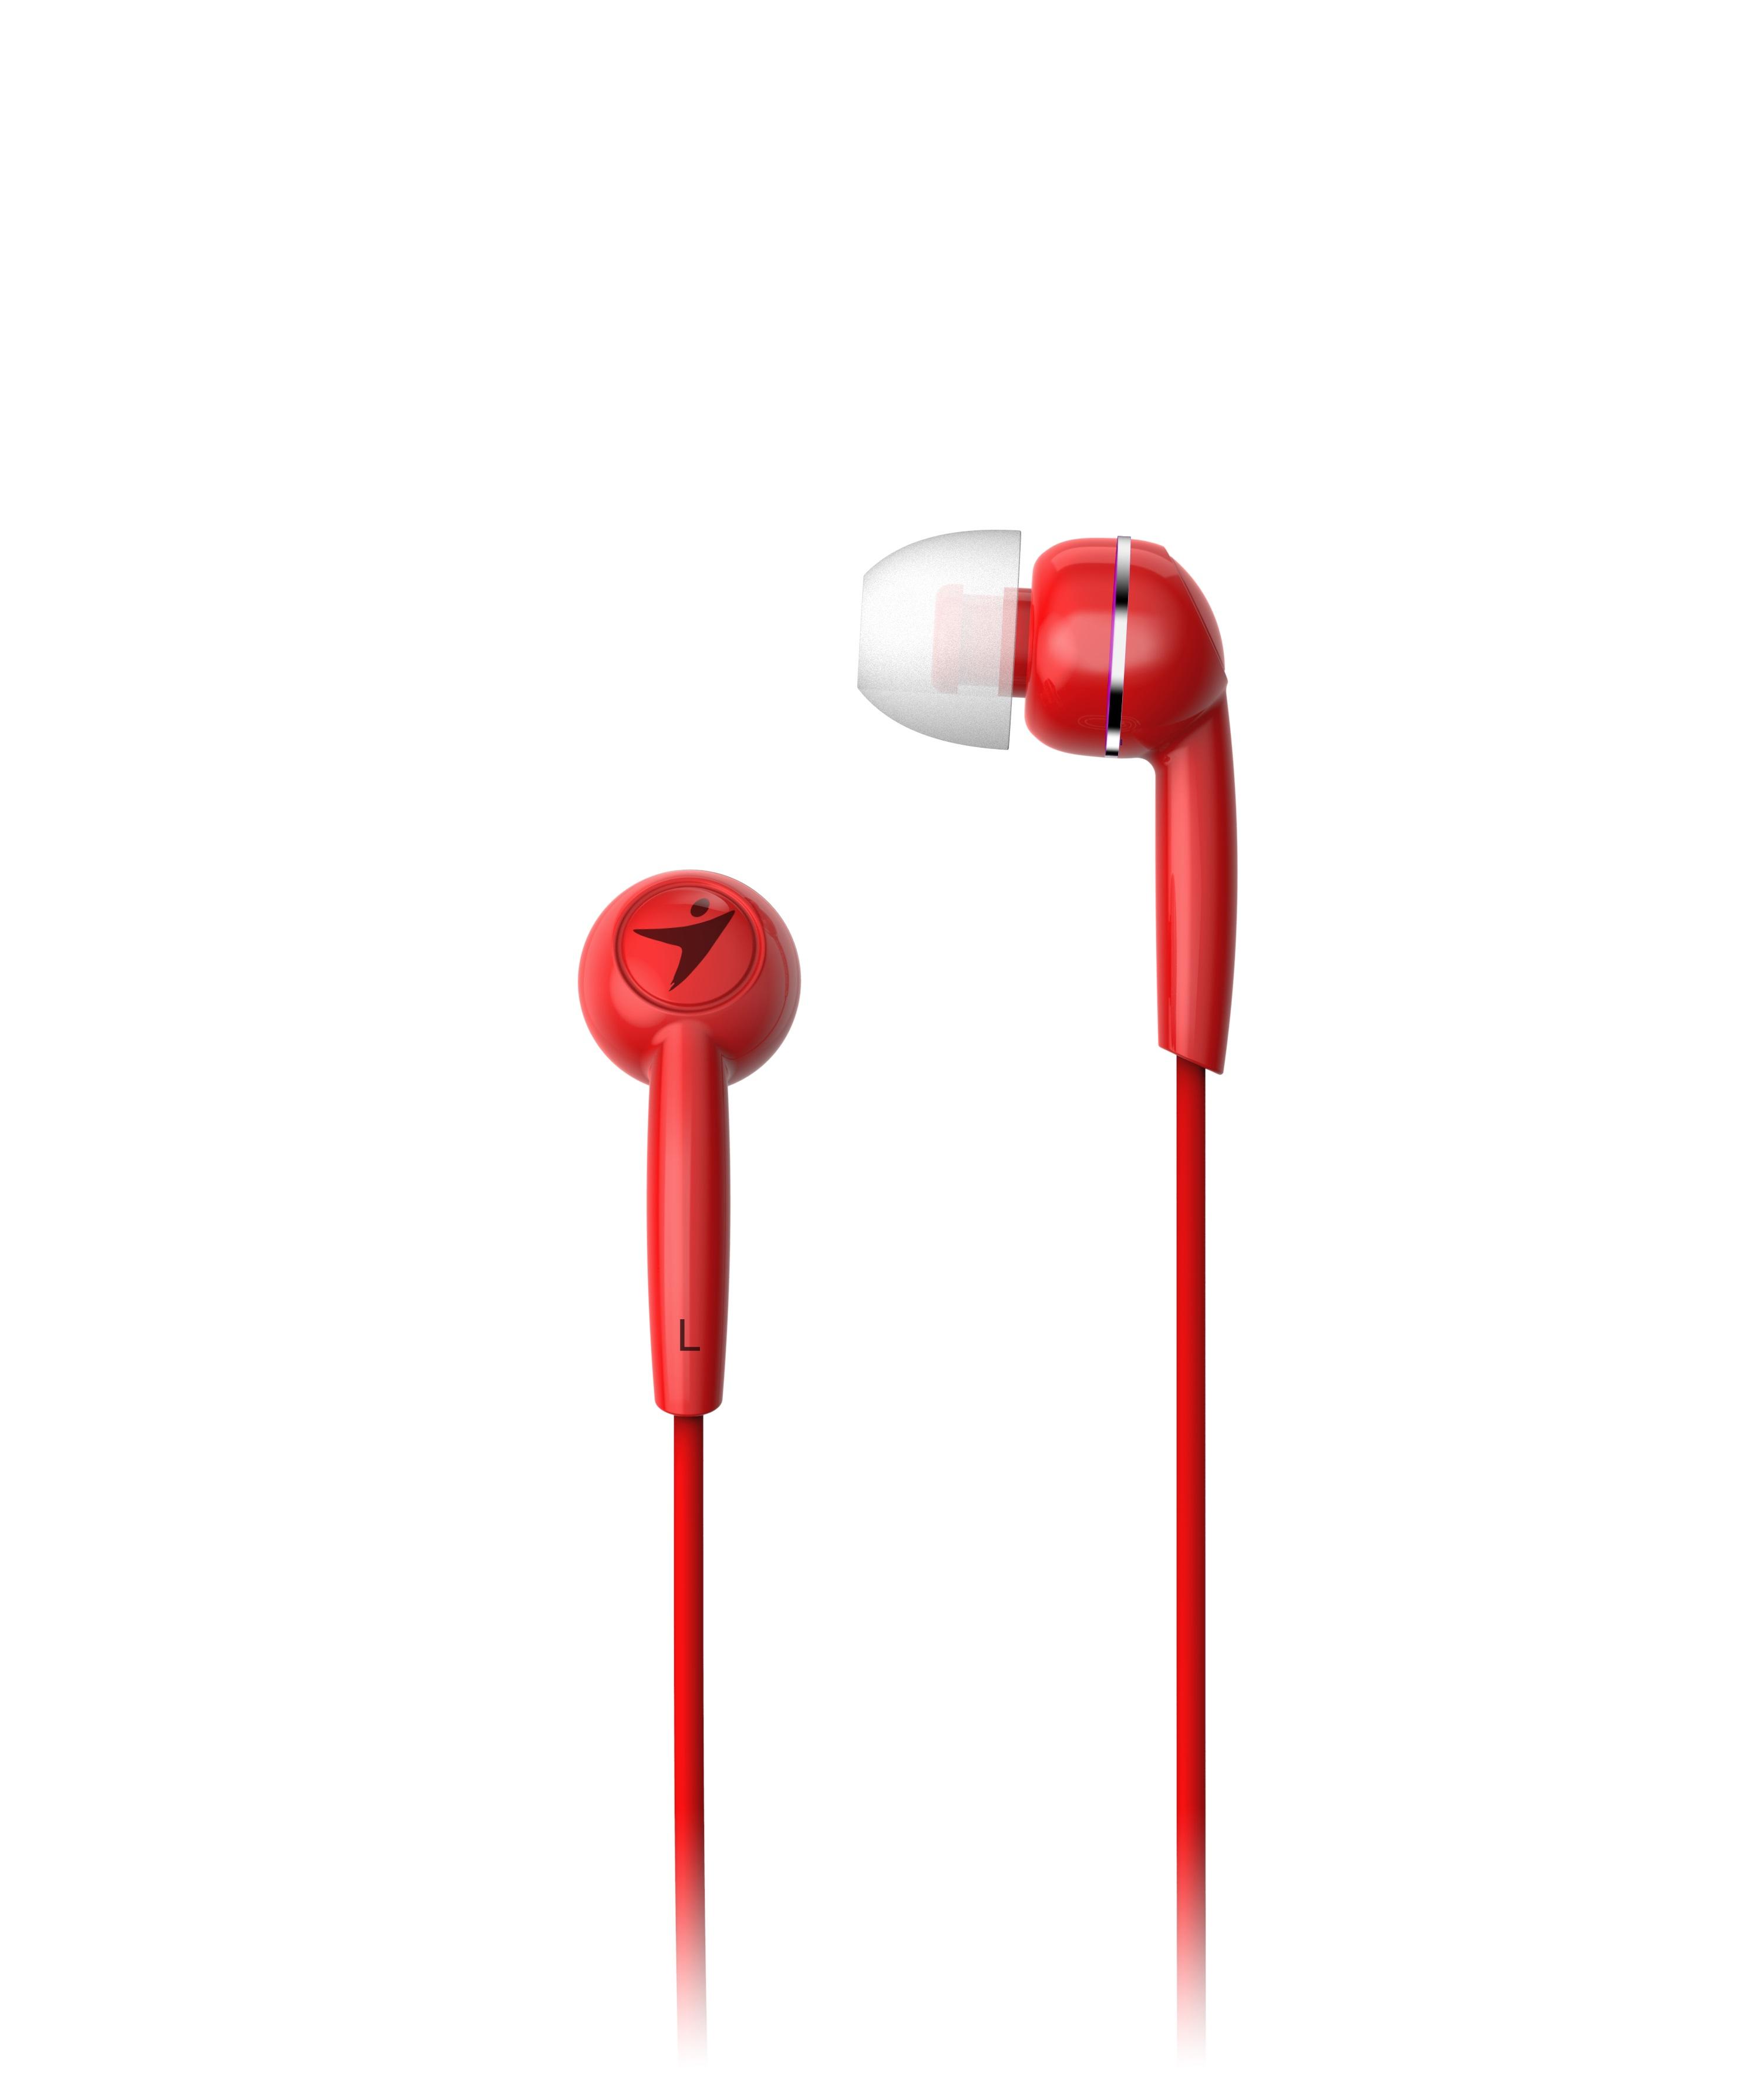 Sluchátka Genius HS-M320 mobile headset, red